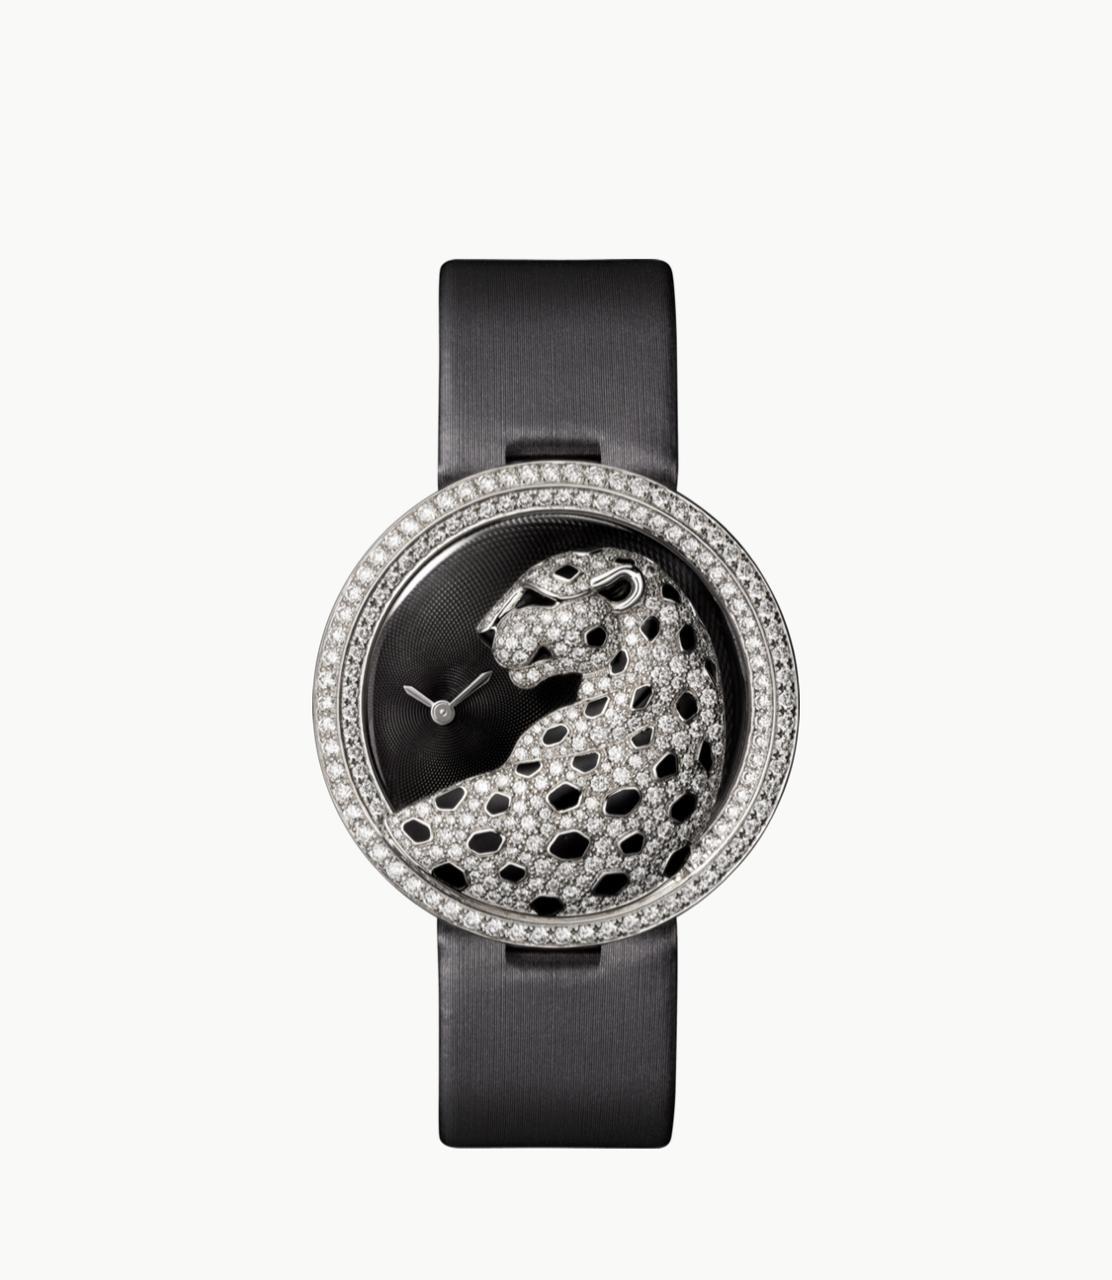 ساعة پانتير من كارتييه Cartier